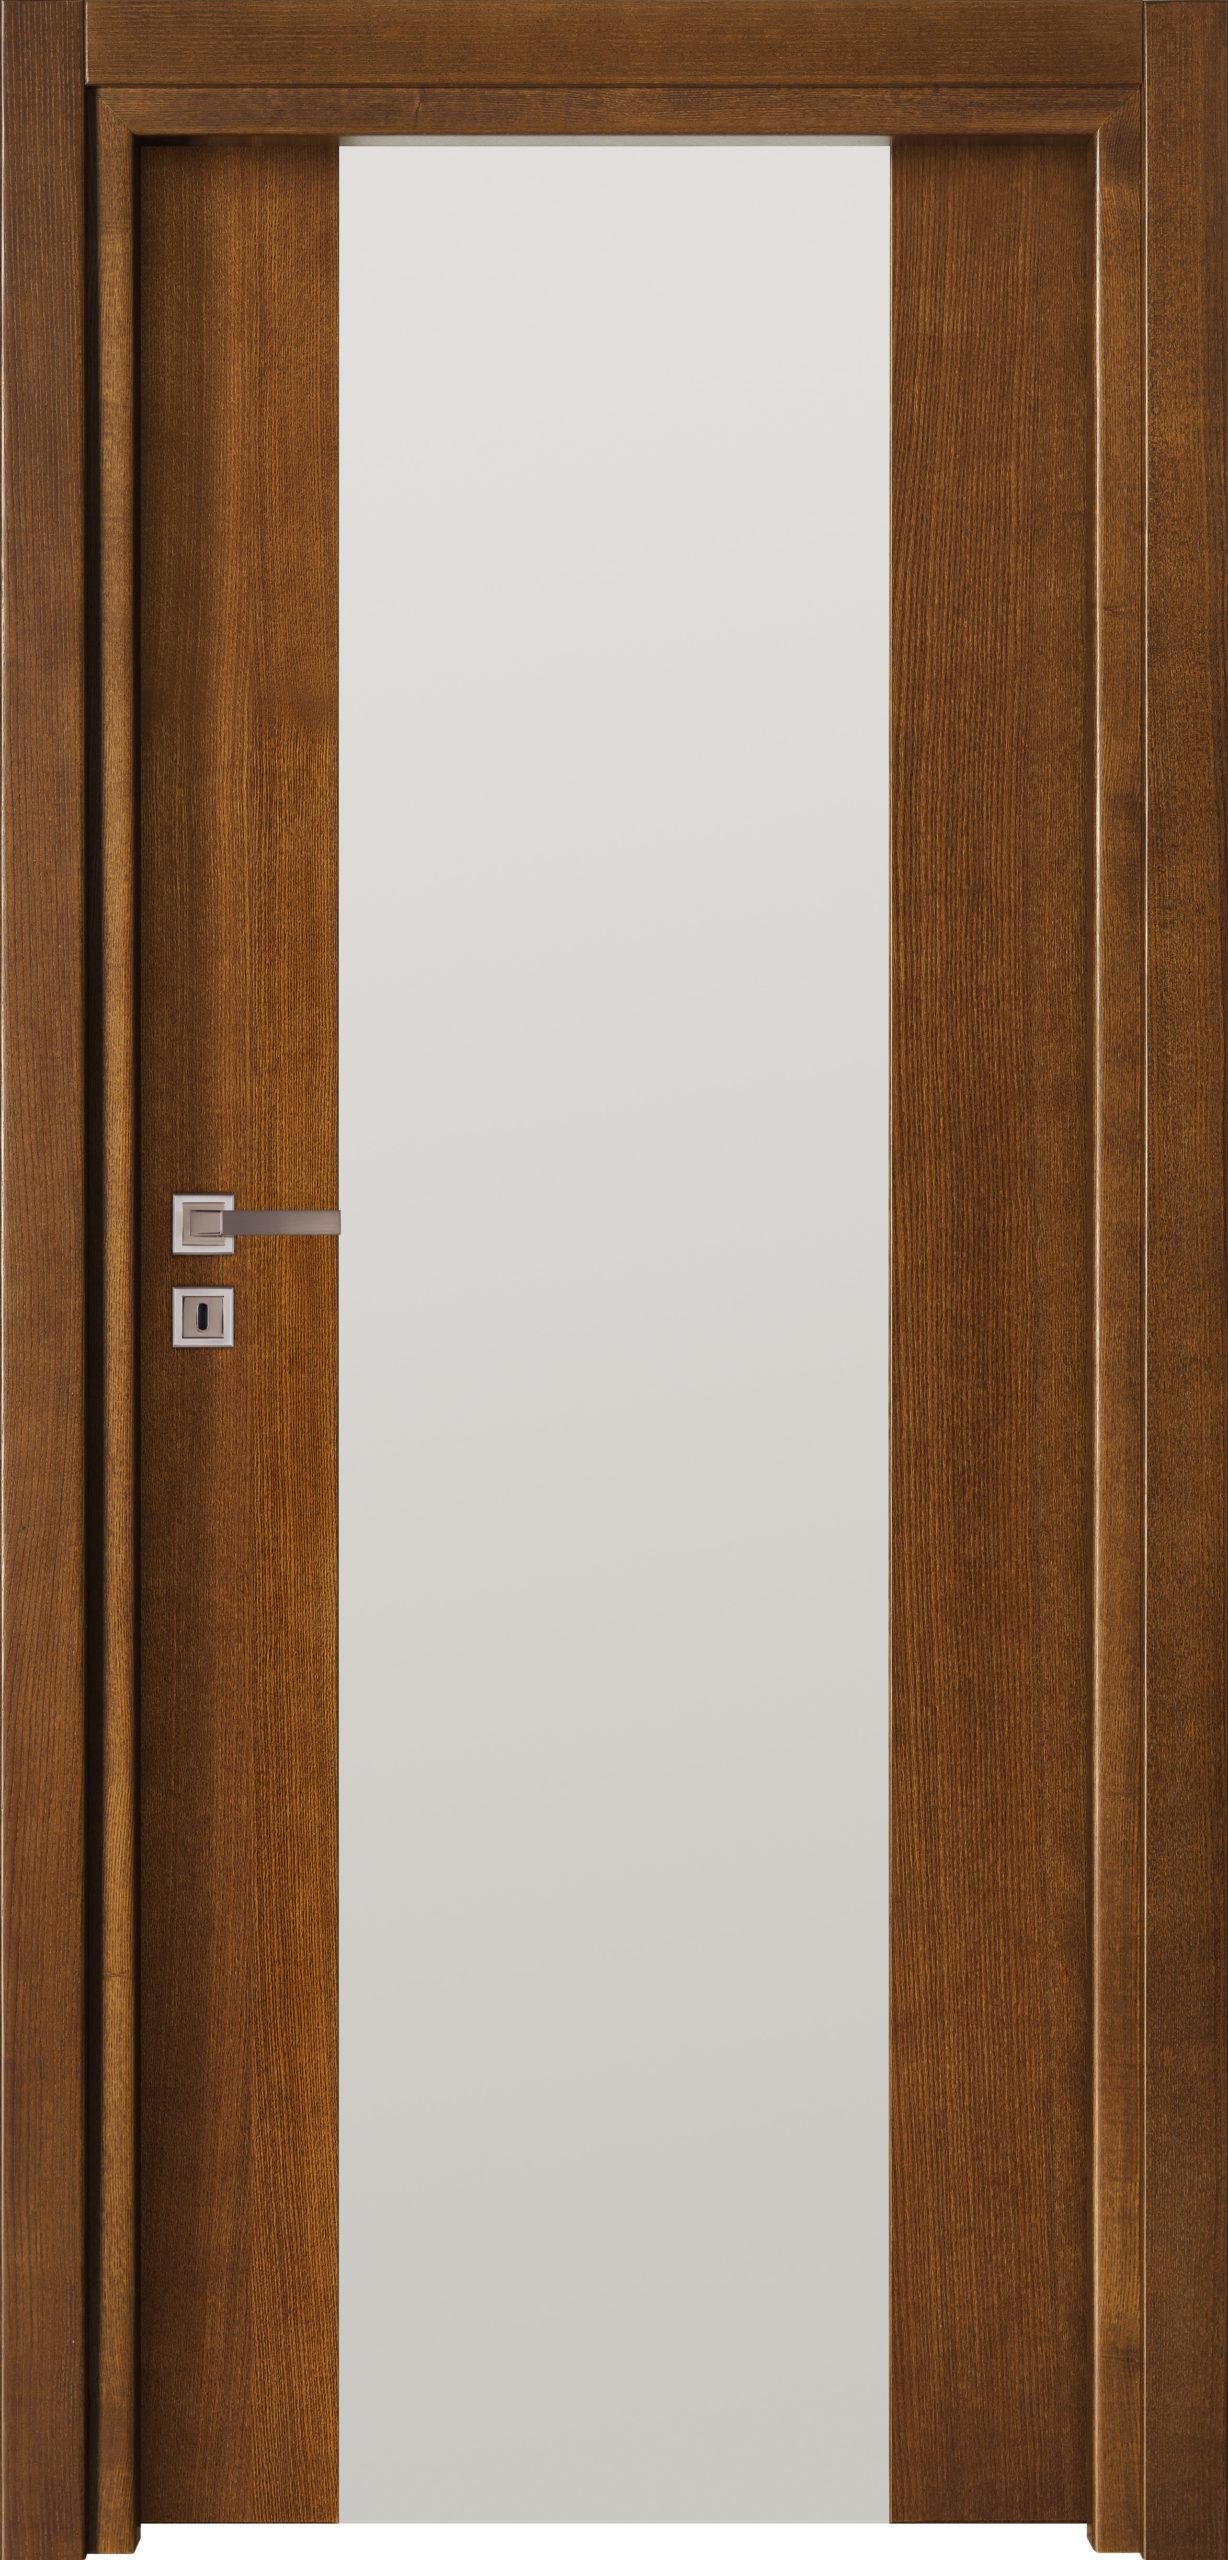 Focus A1 - jesion - jasny brunat - szklenie lacomat bezpieczny - ościeżnica przylgowa regulowana drewniana prosta (IIa)